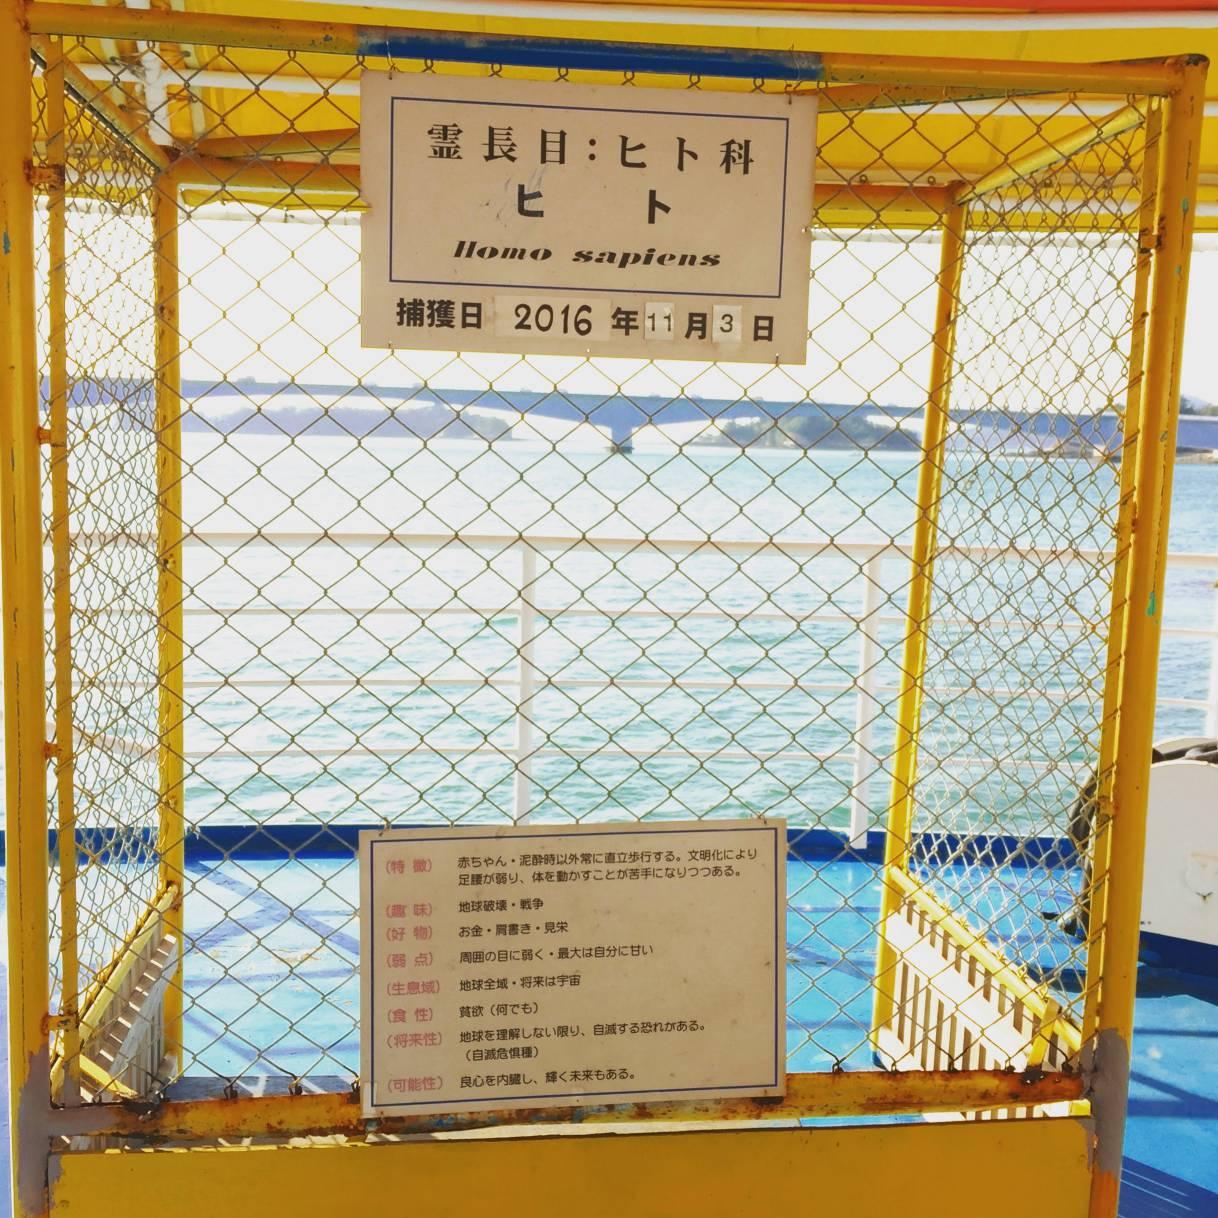 海中水族館シードーナツの捕獲状況